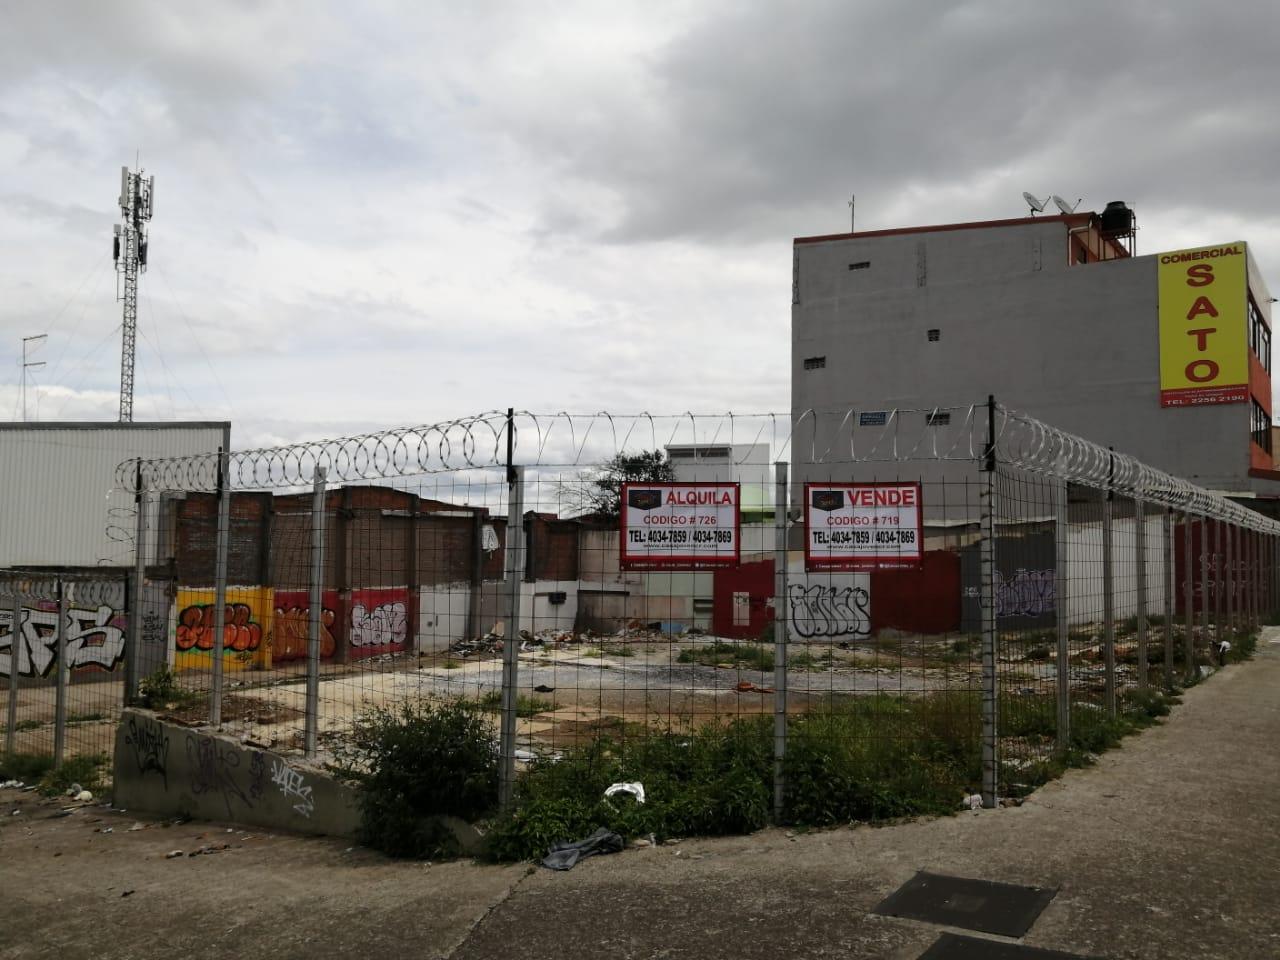 726 Se Alquila Lote comercial esquinero en San José